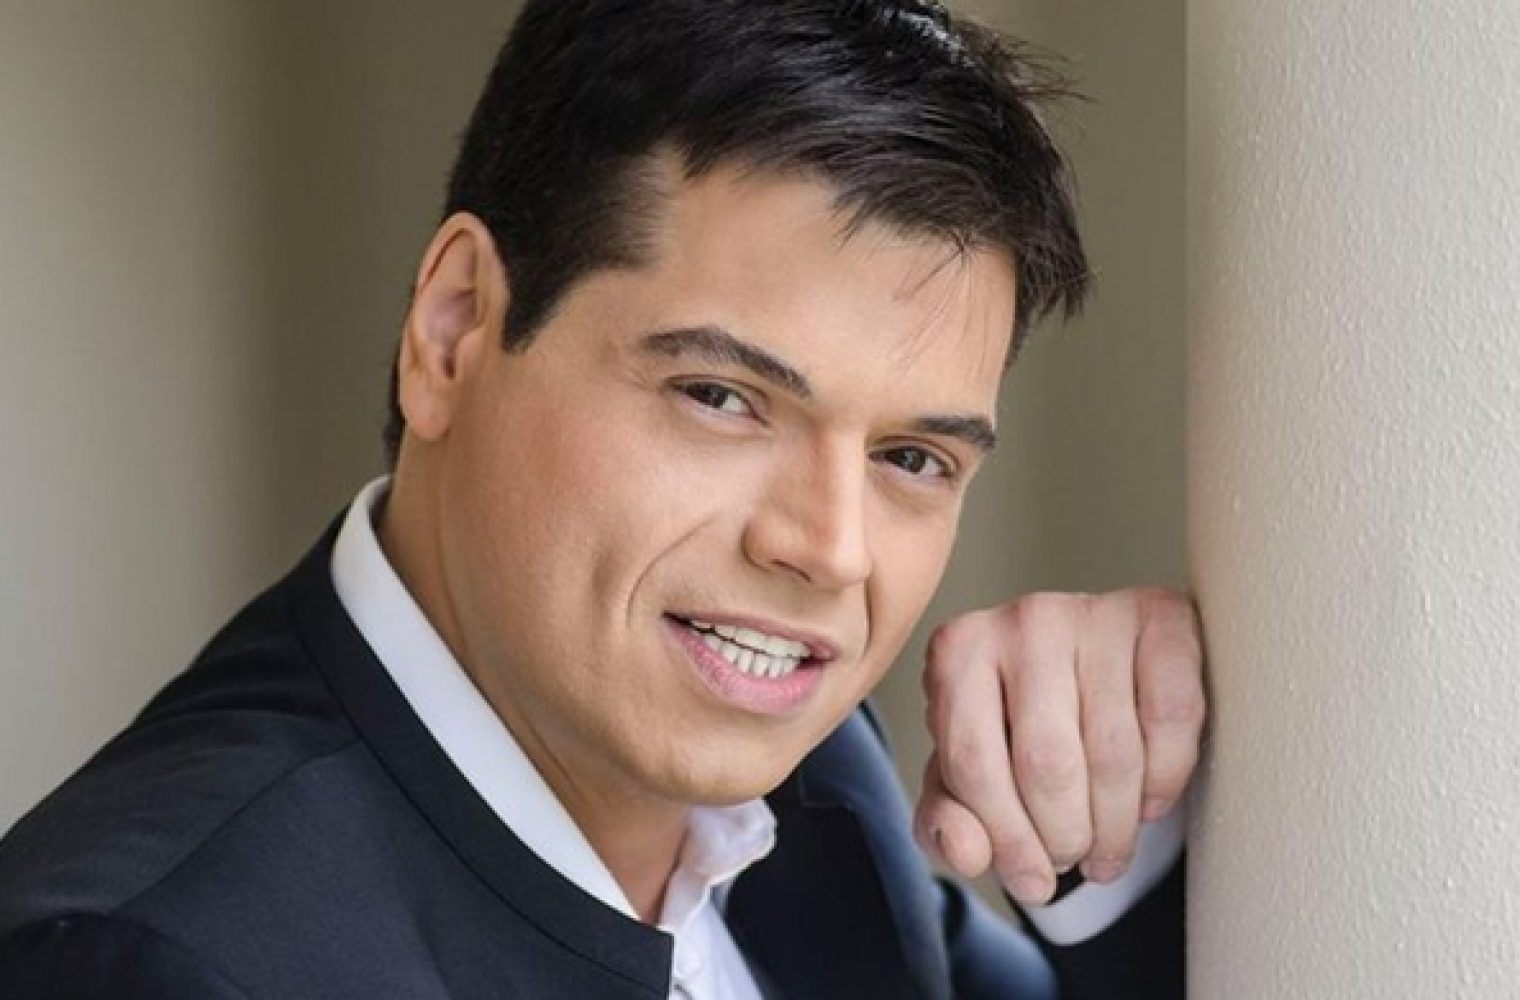 Γιώργος Δασκαλάκης: ο τραγουδιστής που έχασε 190 κιλά, δίνει μάχη για τη ζωή του